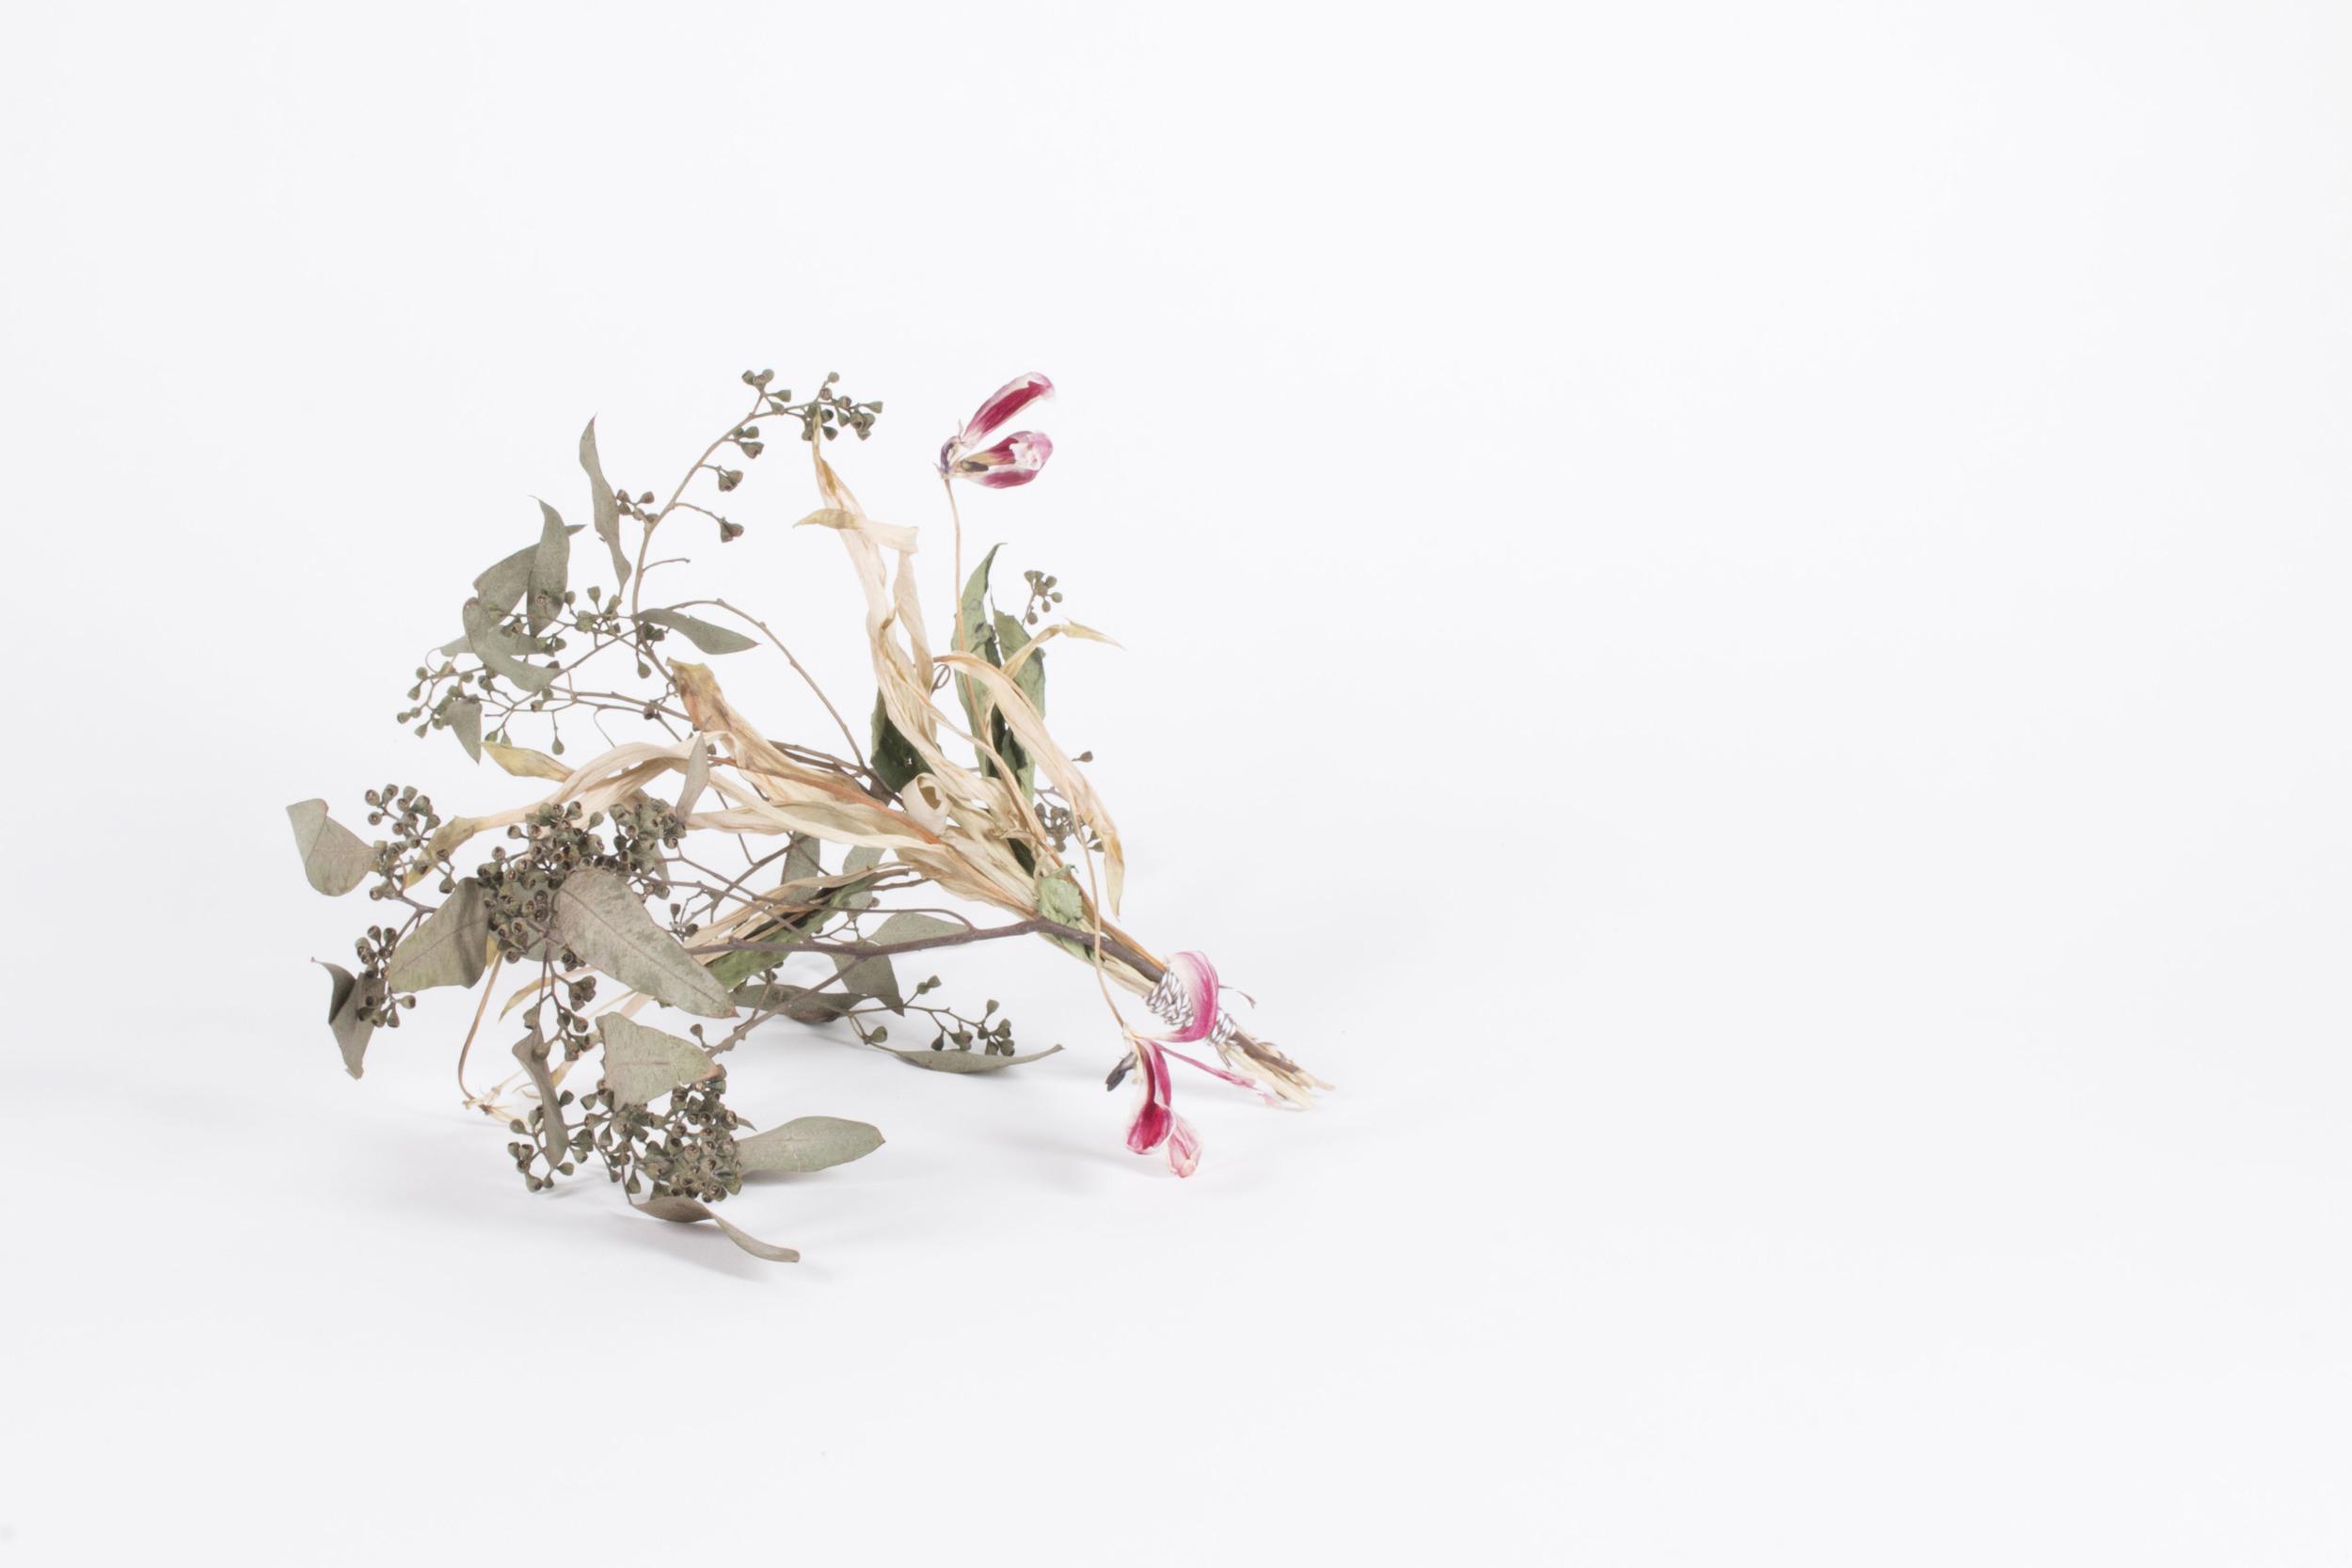 Flower_Sculptures_37+(1)_1.JPG